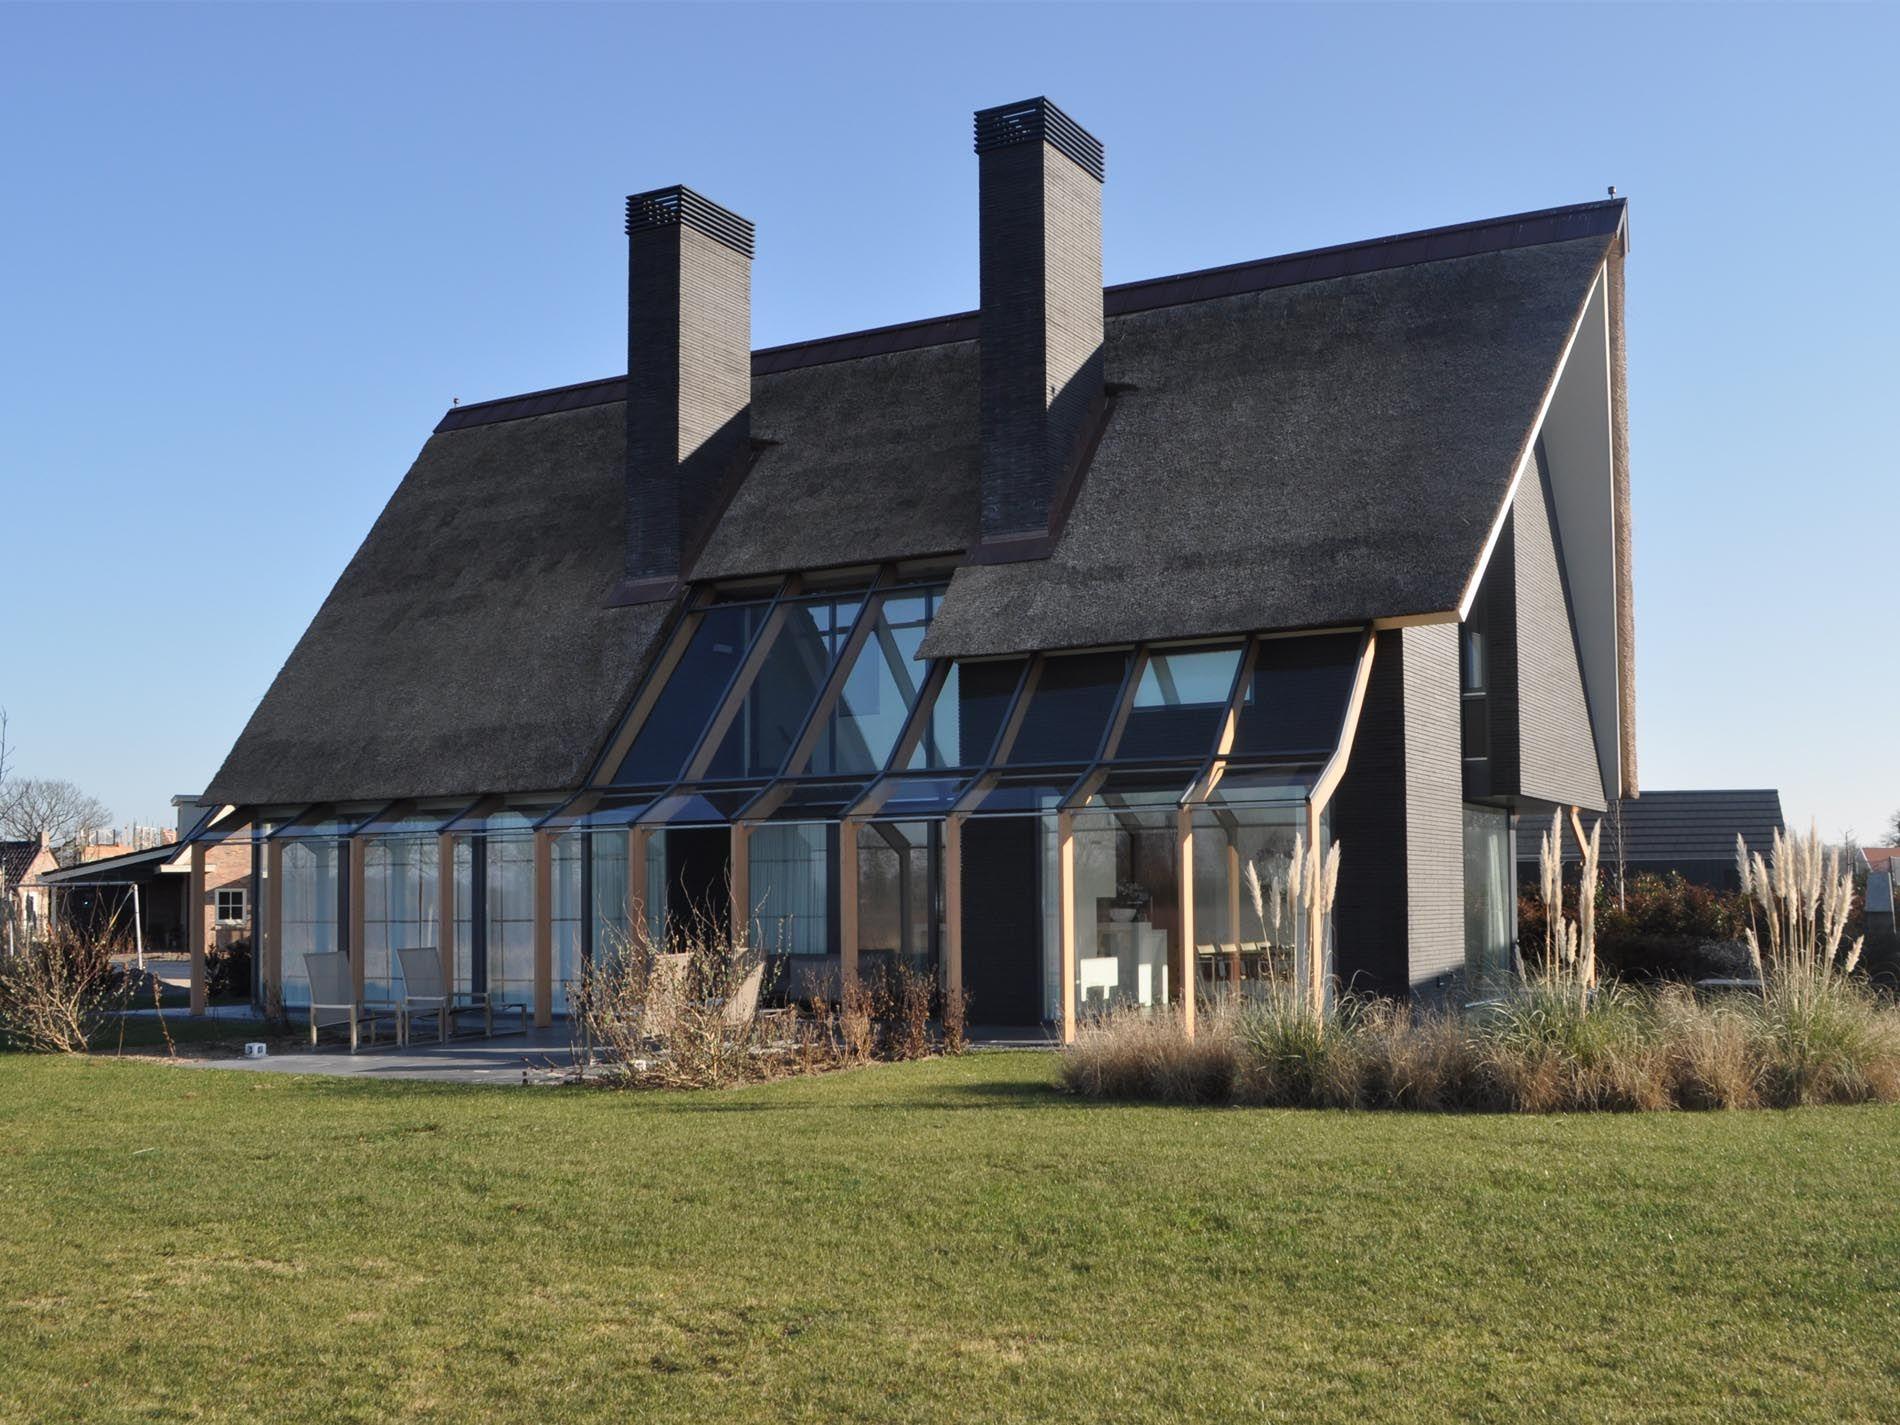 Maas architecten woonhuis hengelo architectuur for Hedendaagse architecten